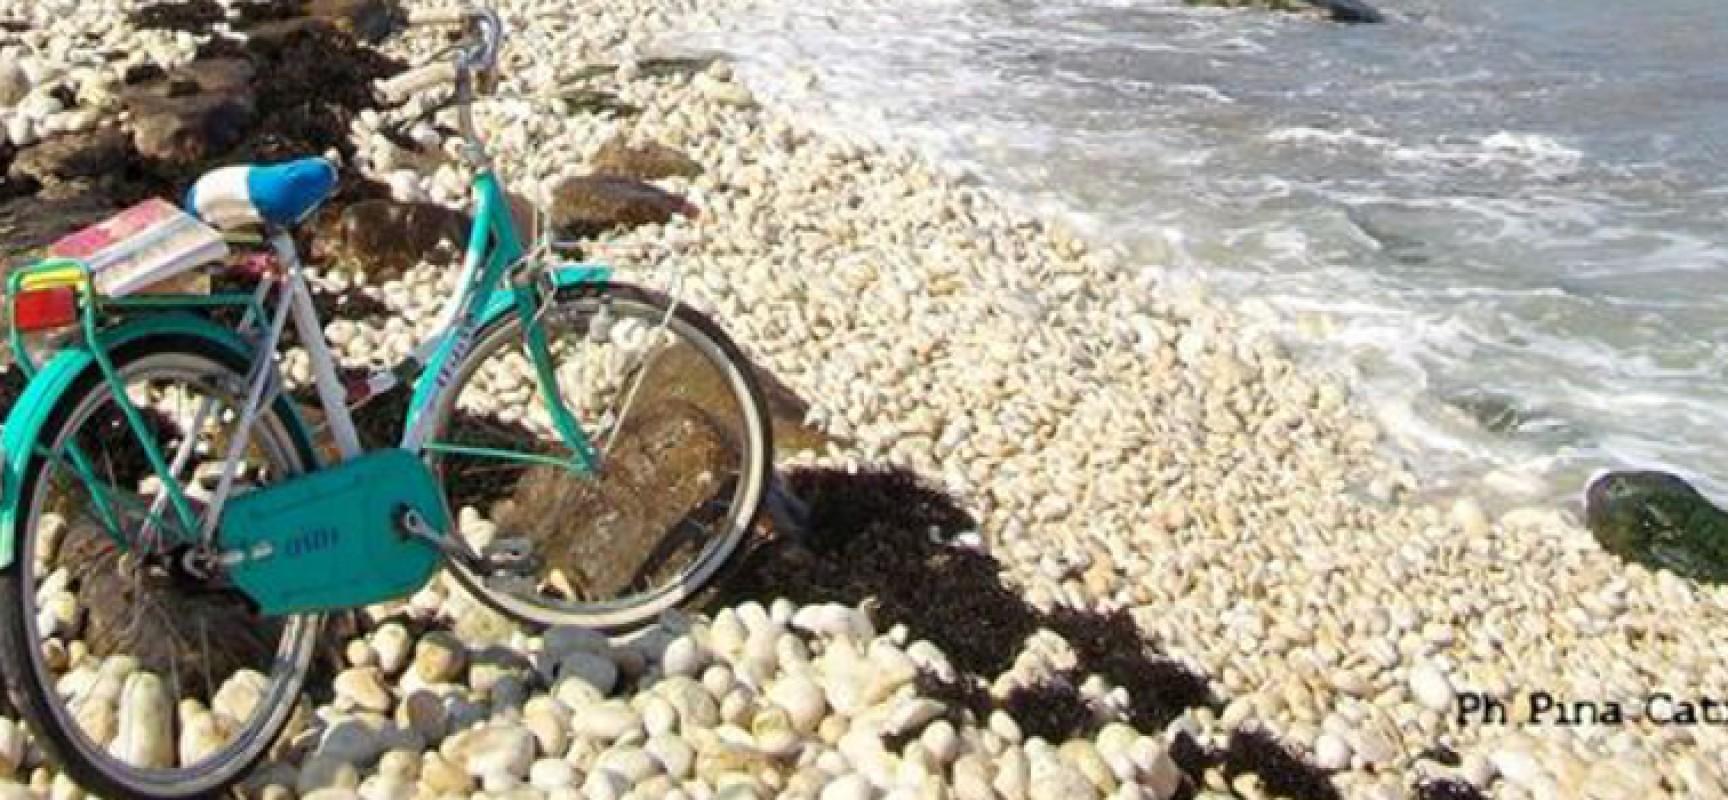 Rinviata a data da destinarsi la passeggiata in bici verso Ripalta